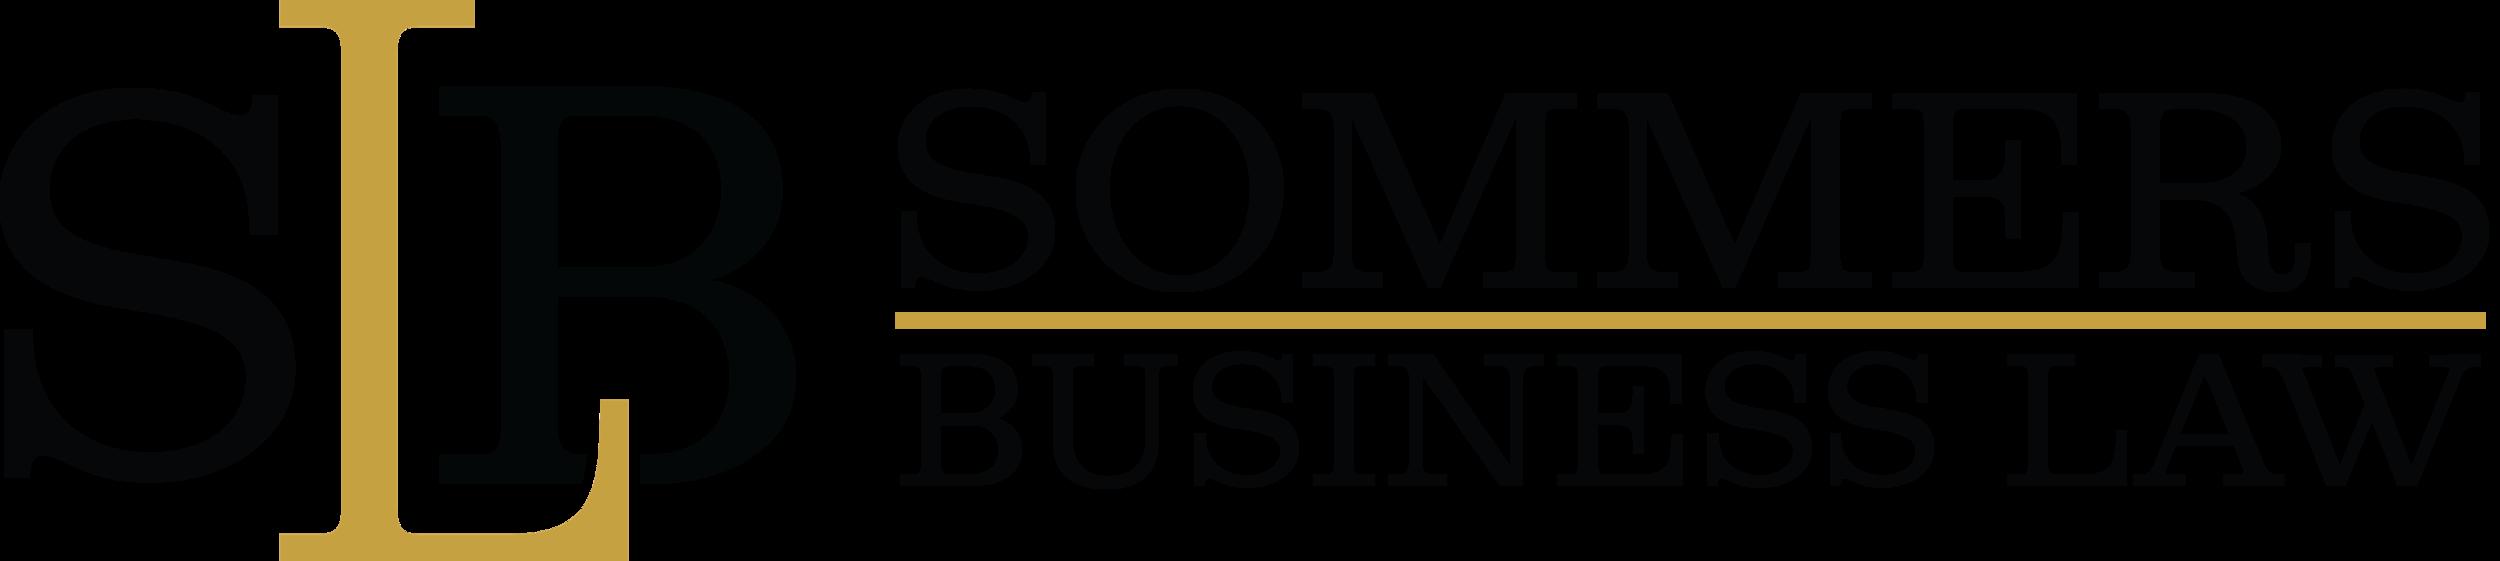 sbl_logo2.png